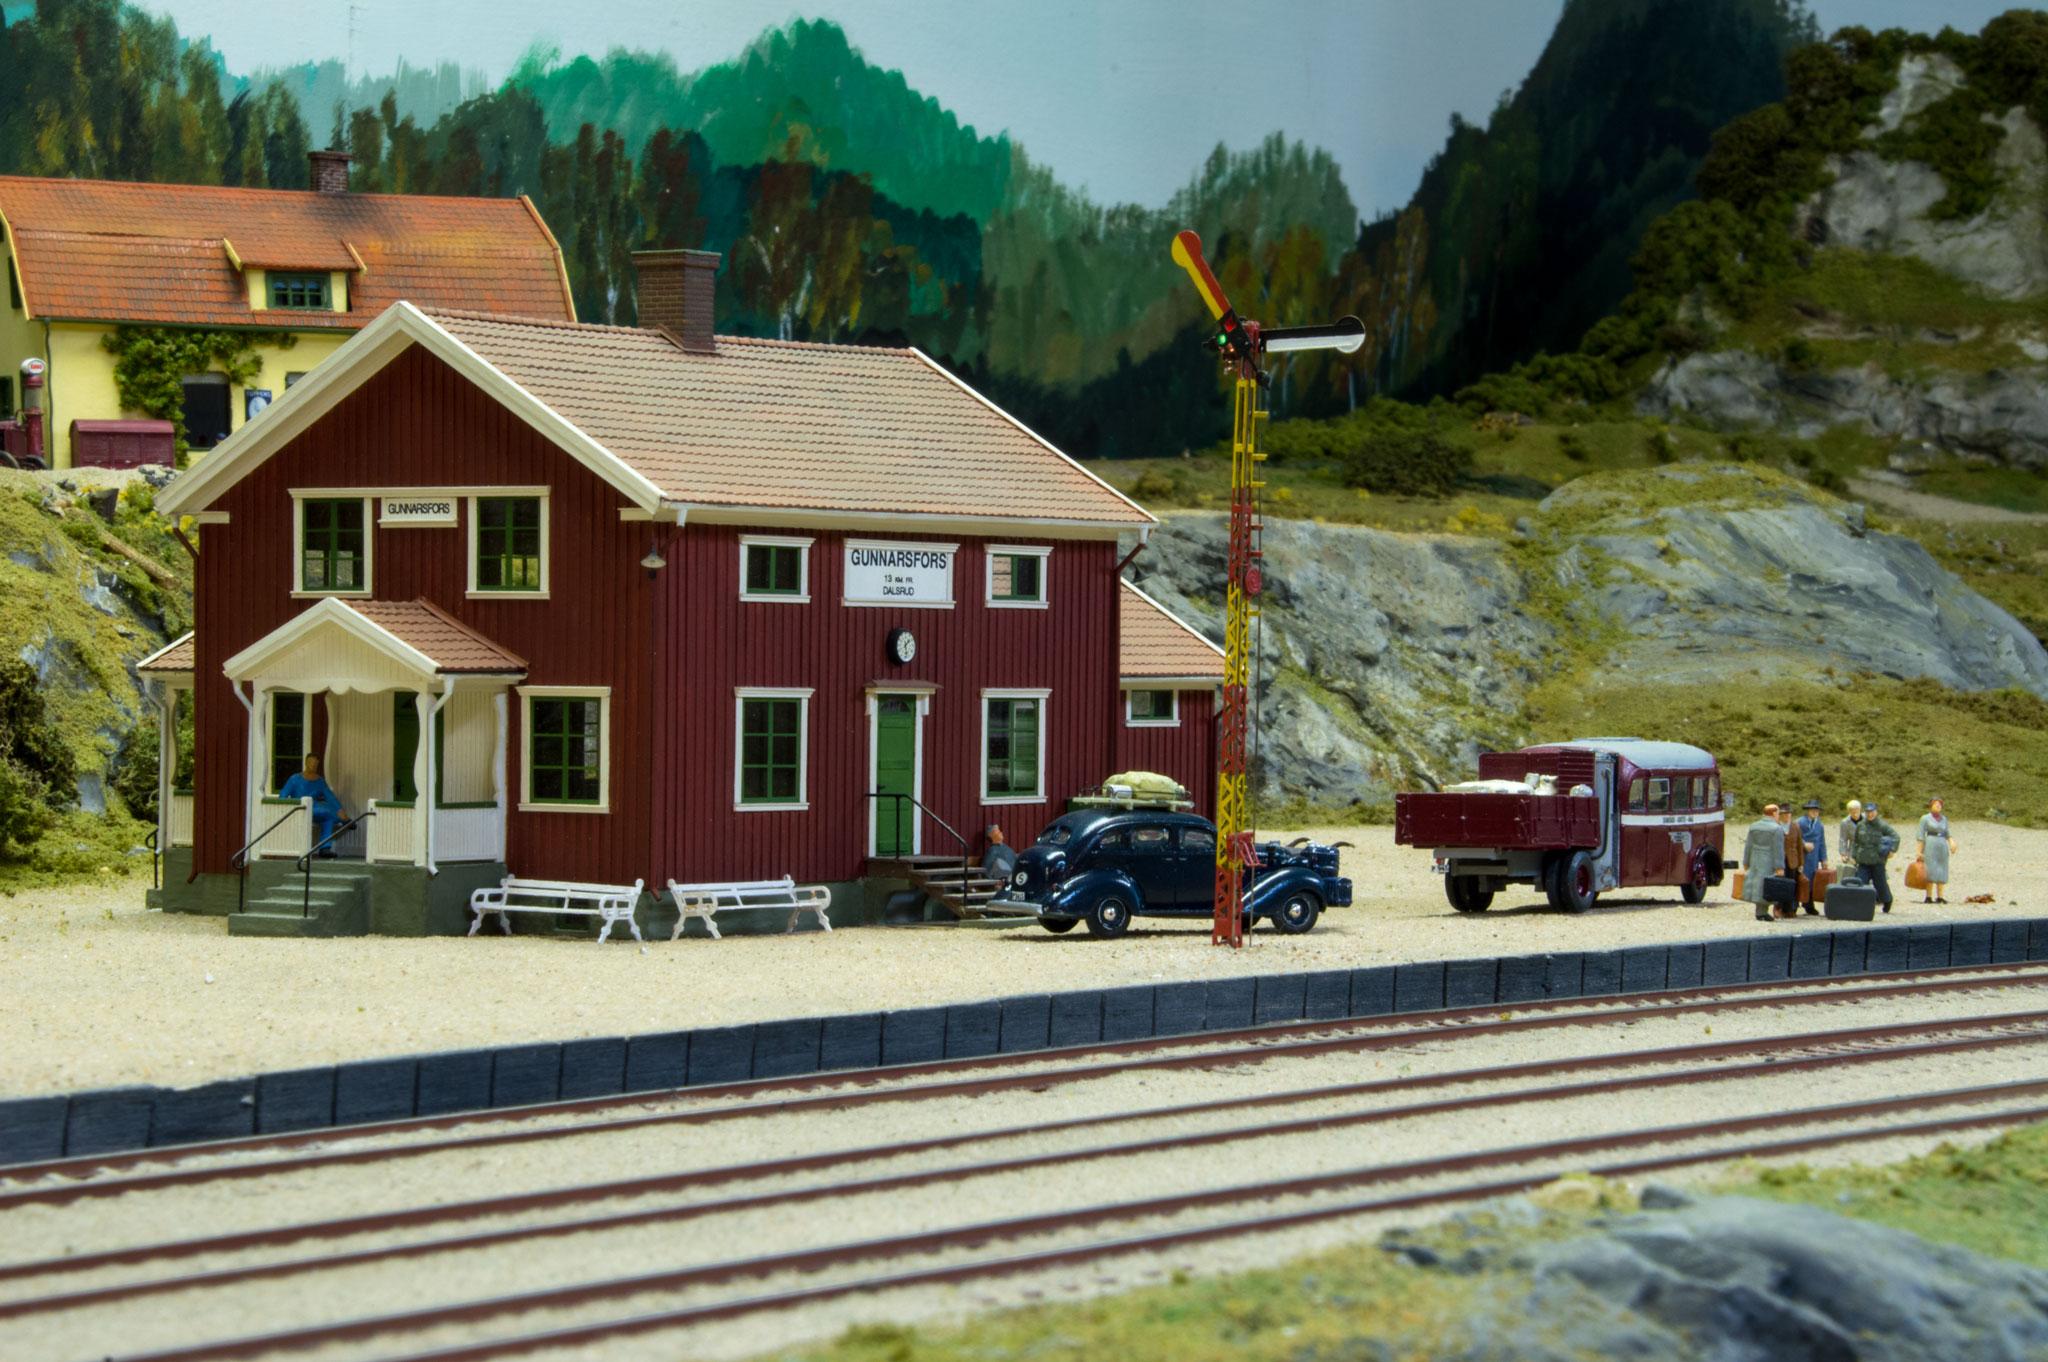 Korted station, scratchbygget i NorthEastern træ af Dan Berlund.  (Forbillede: Dals Långed på Dal Västra Värmlands Järnvägar)